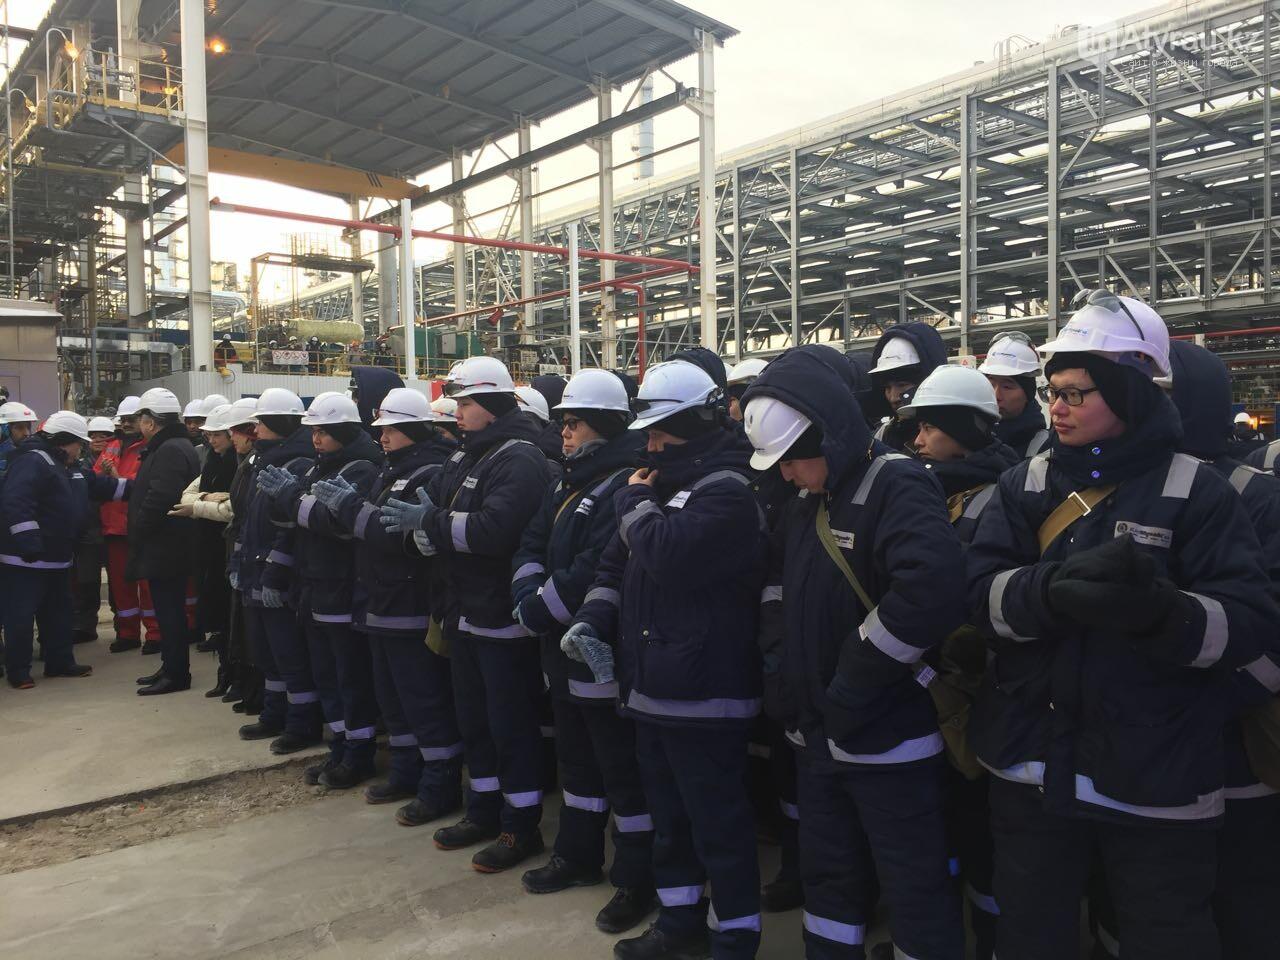 Атырау мұнай өңдеу зауыты Еуро-4 және Еуро-5 мотор майларын өндіруді ұлғайтады, фото-1